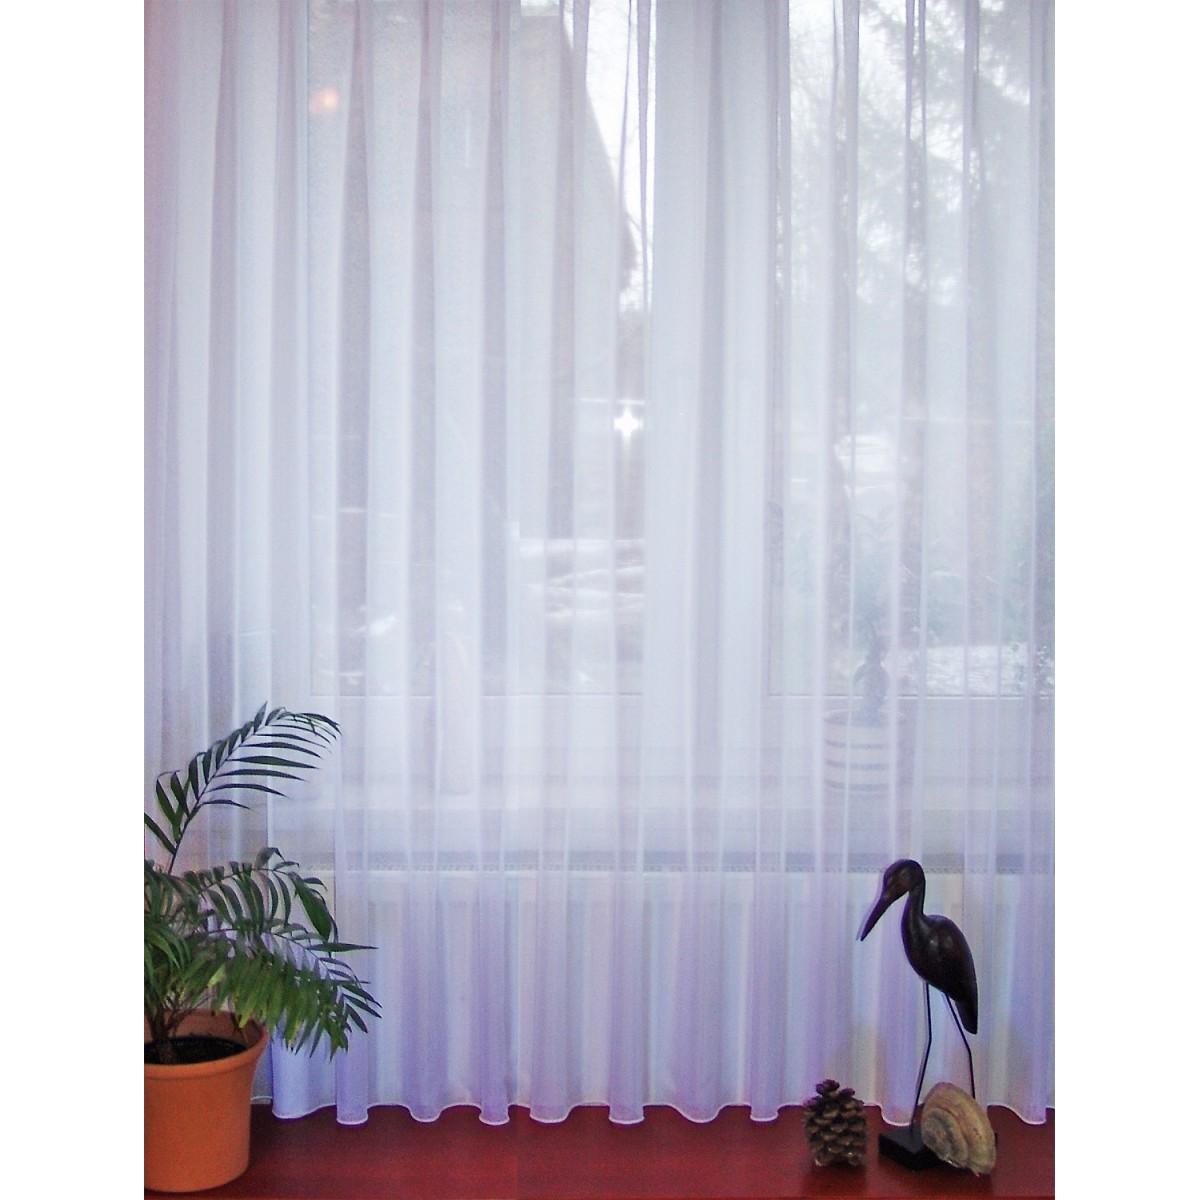 Full Size of Gardinen Stores Fertigstore Sophie Wei Wohnzimmer Für Schlafzimmer Küche Die Fenster Bogenlampe Esstisch Scheibengardinen Wohnzimmer Bogen Gardinen